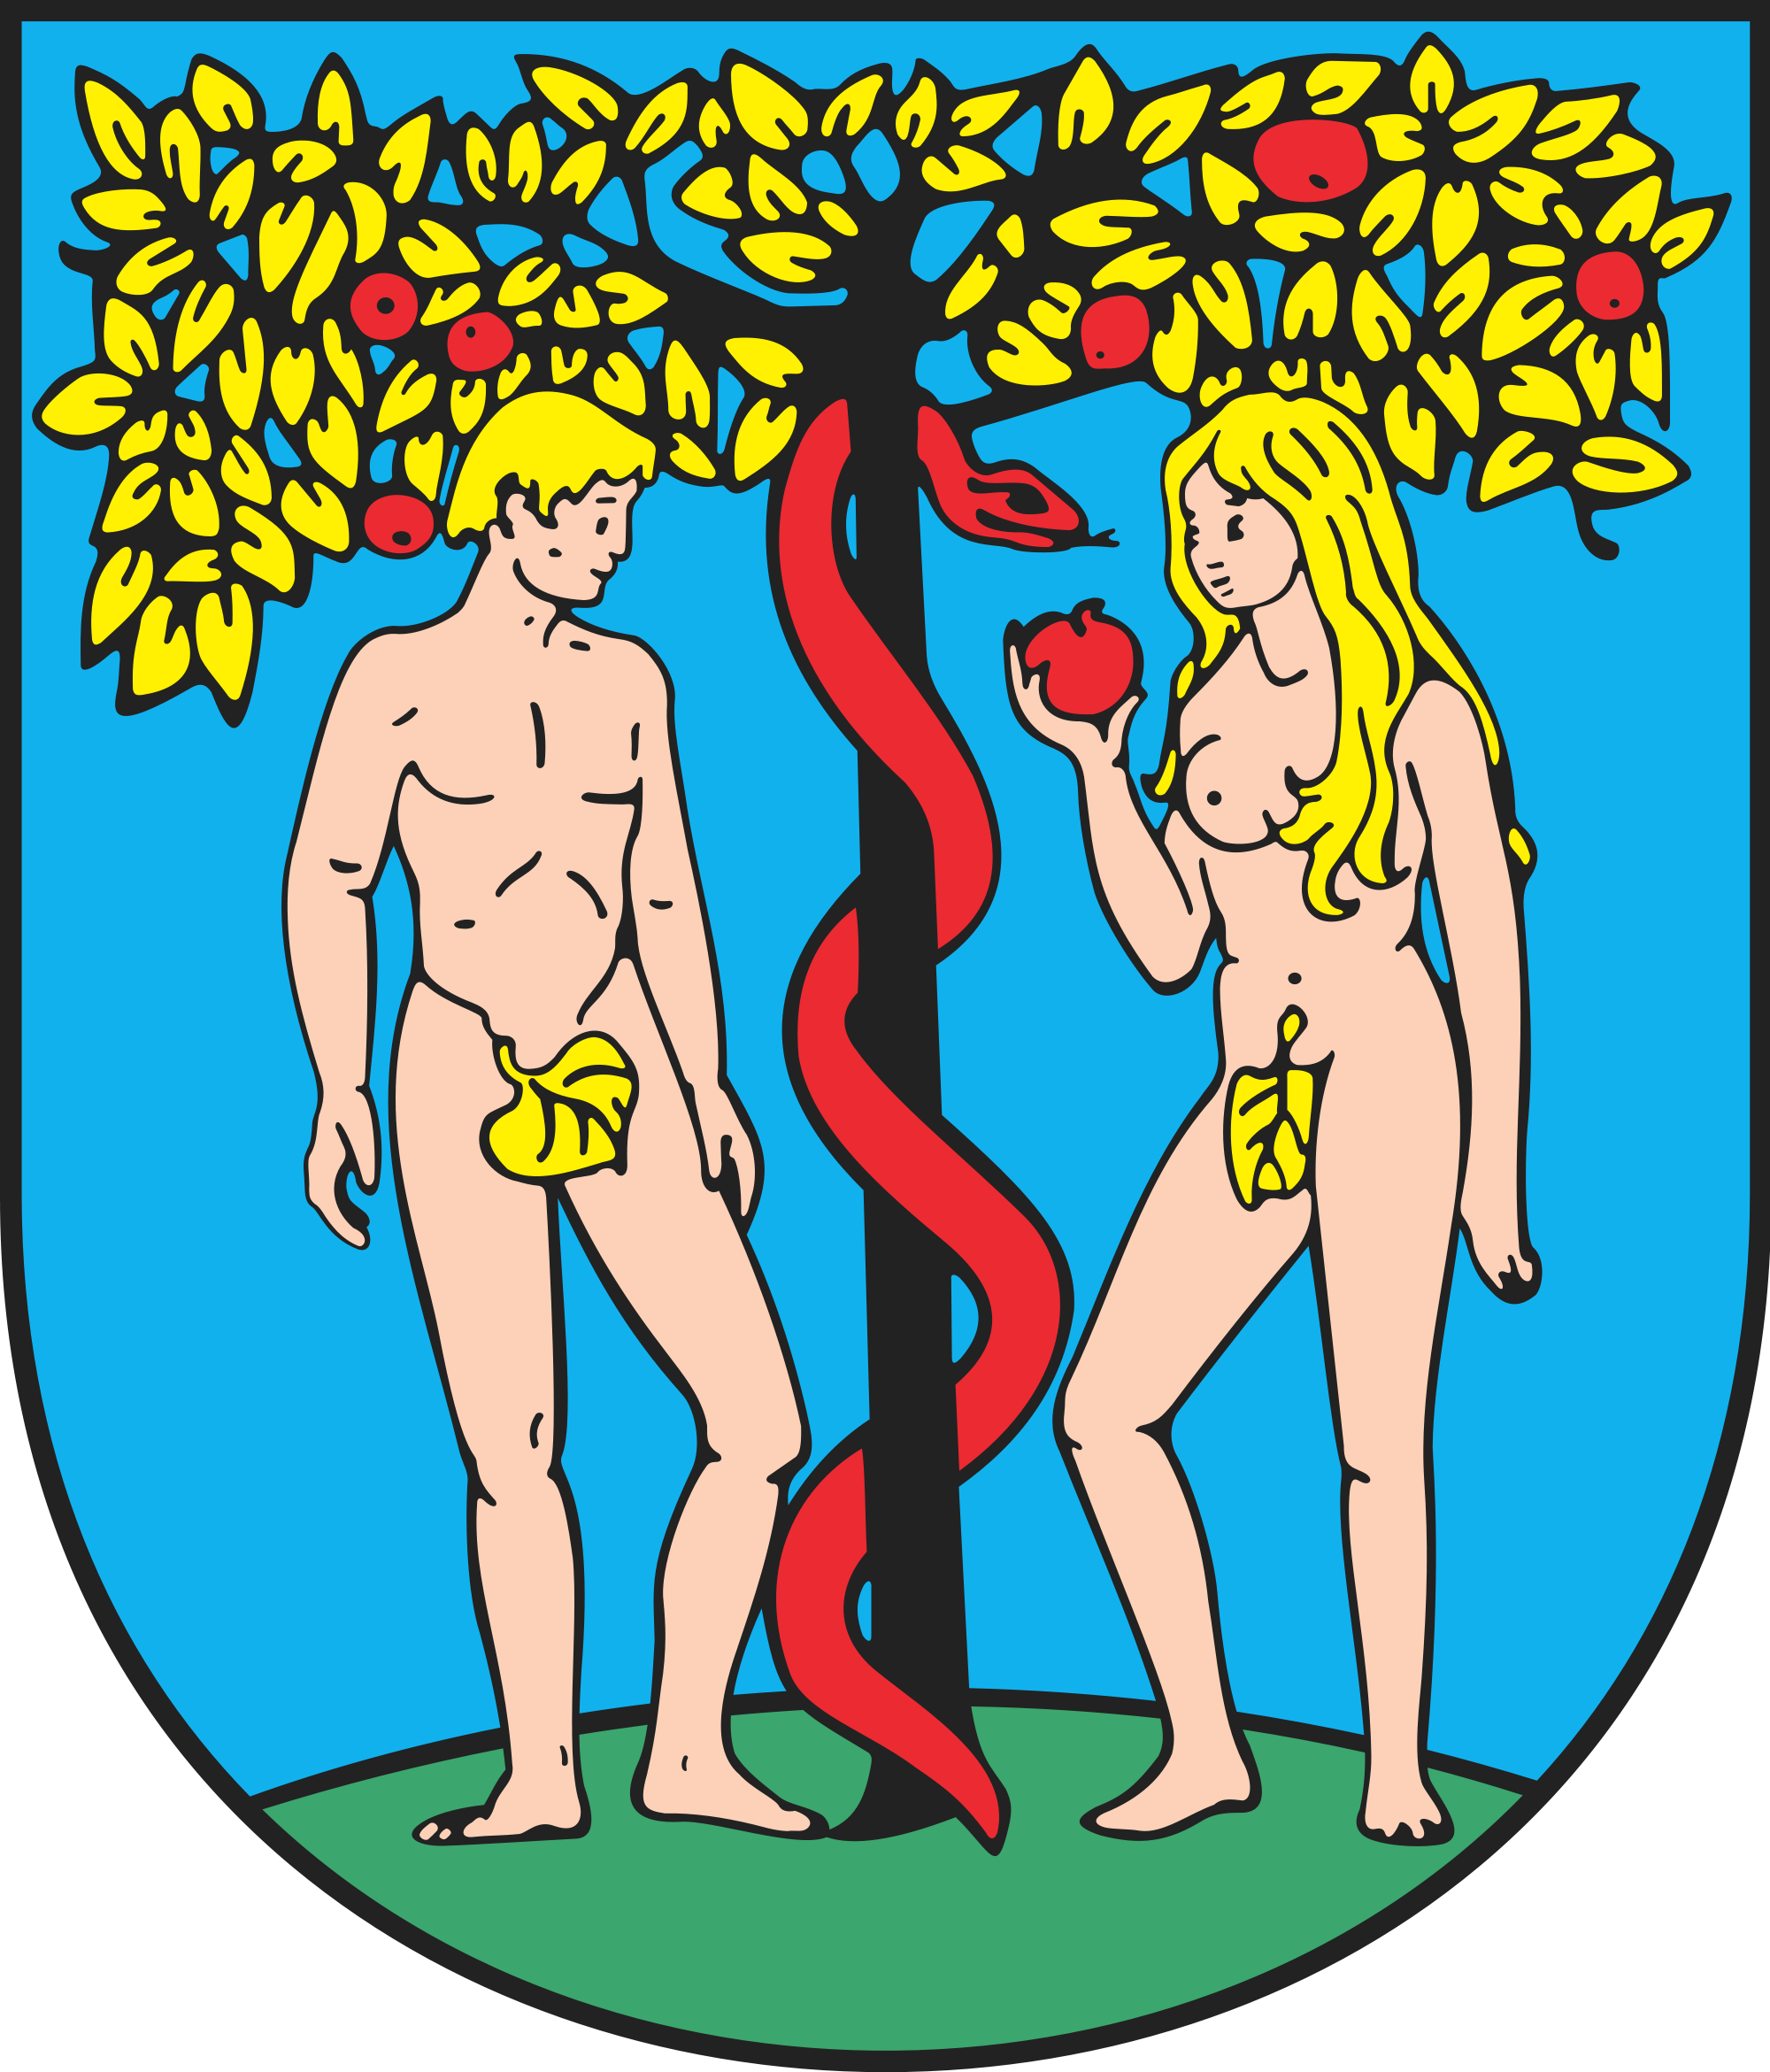 File:POL Bełchatów COA.svg.